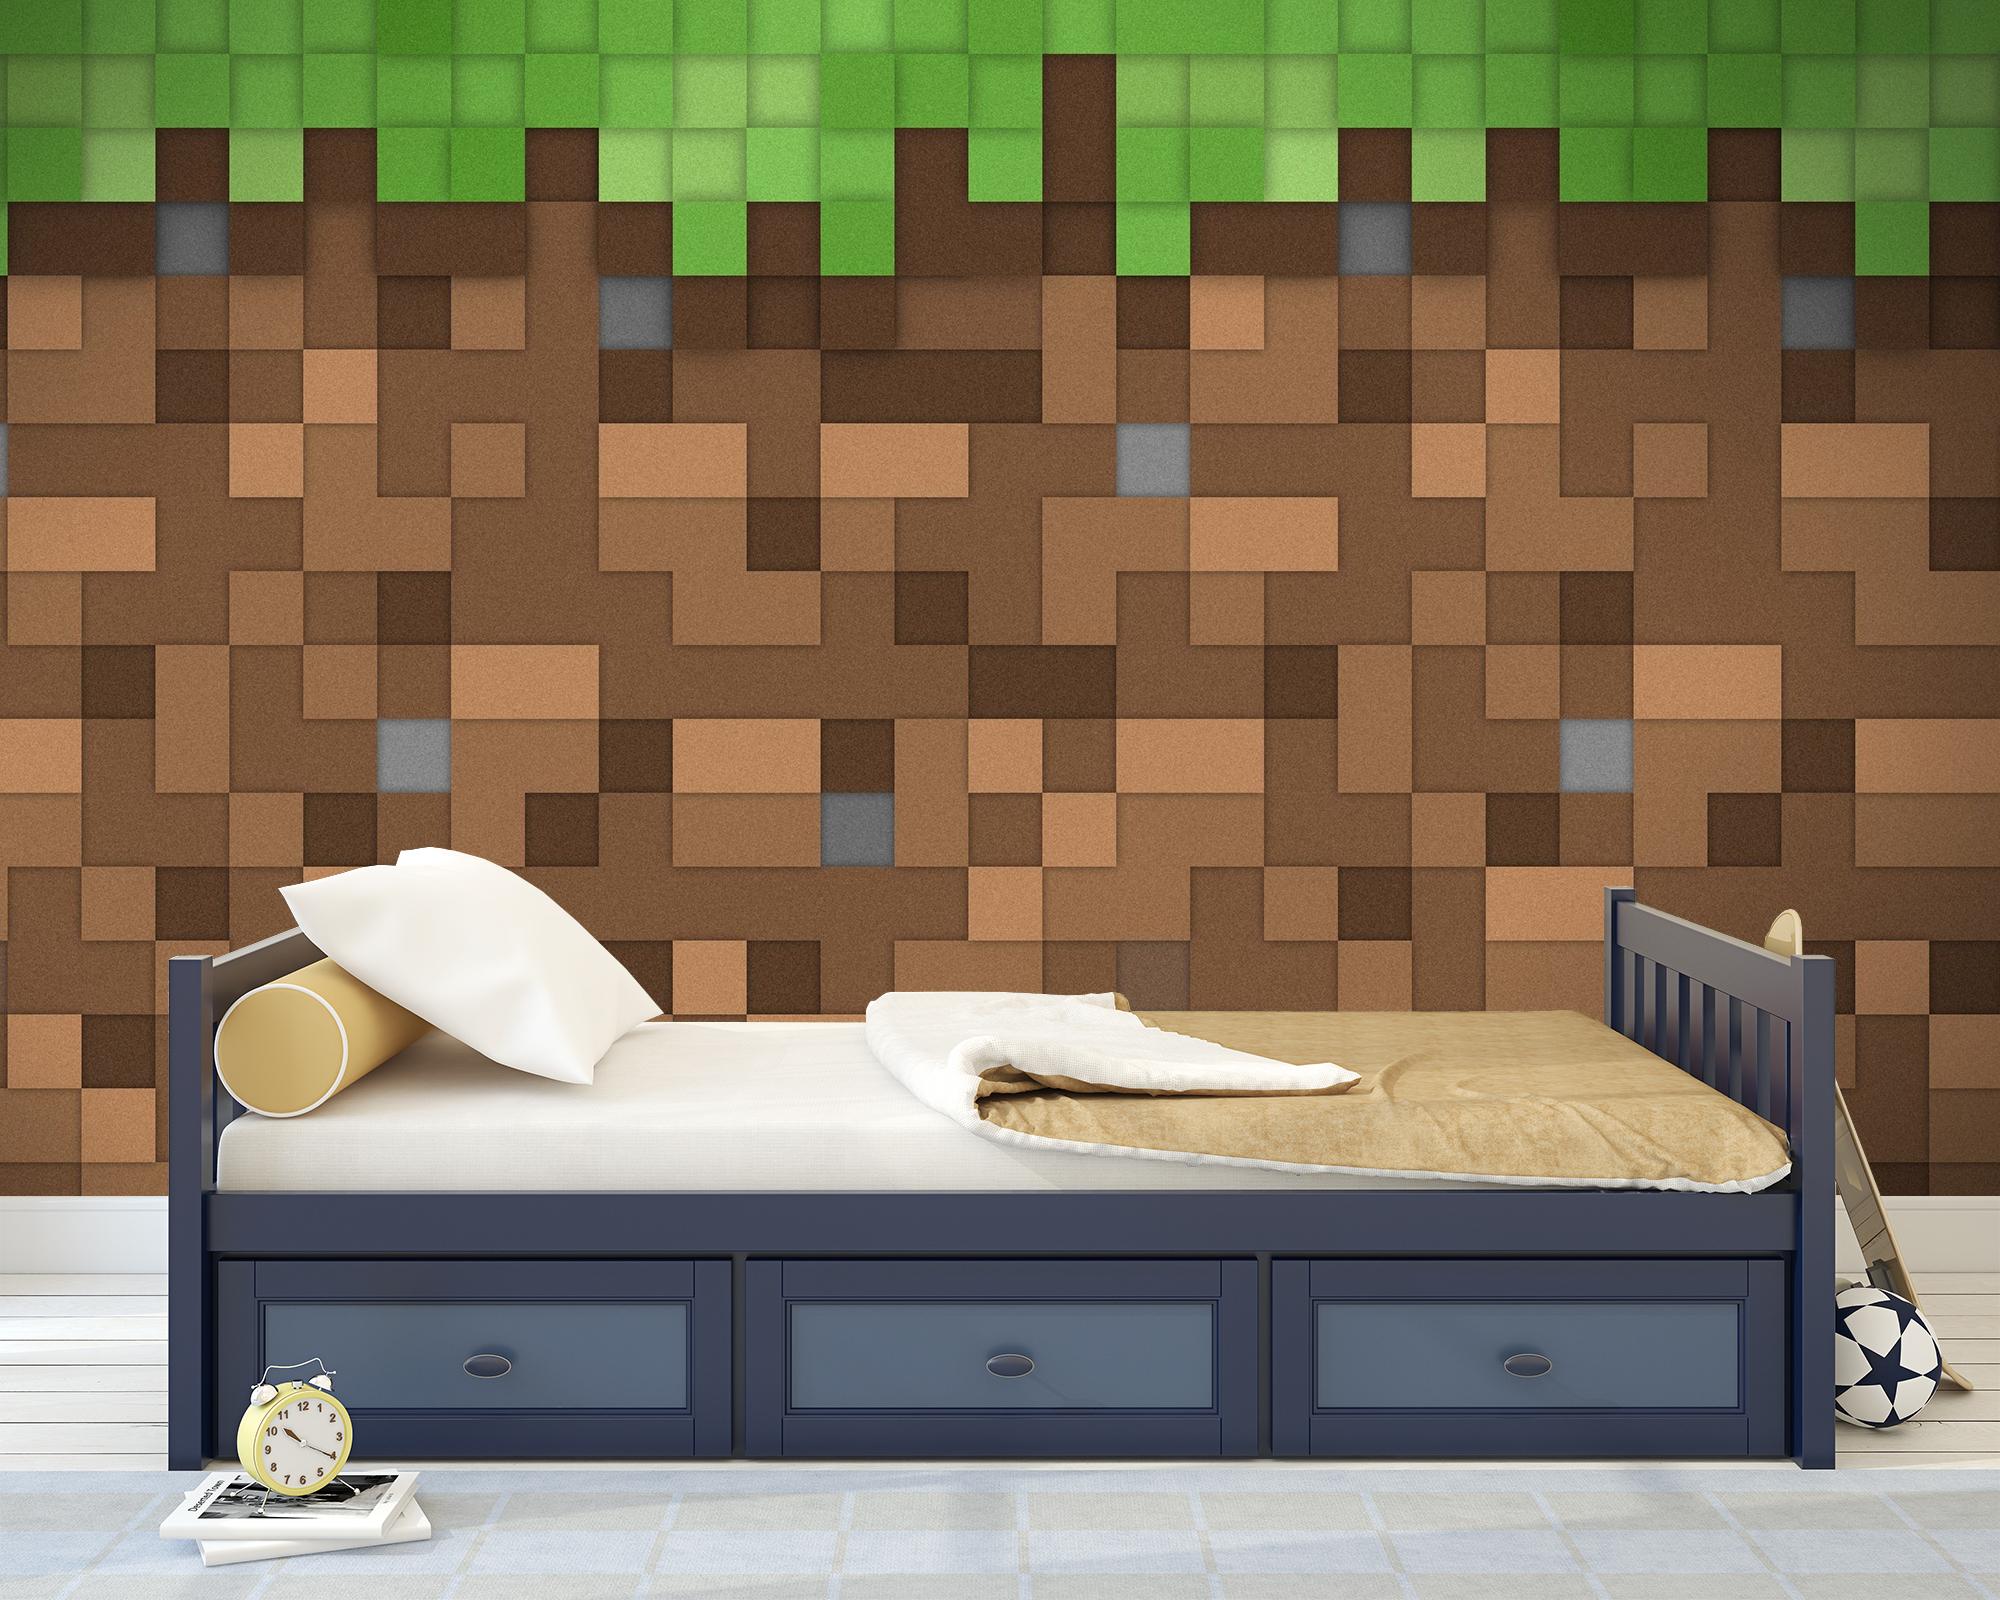 Kinderkamer behang minecraft aarde 2 for Behang kinderkamer